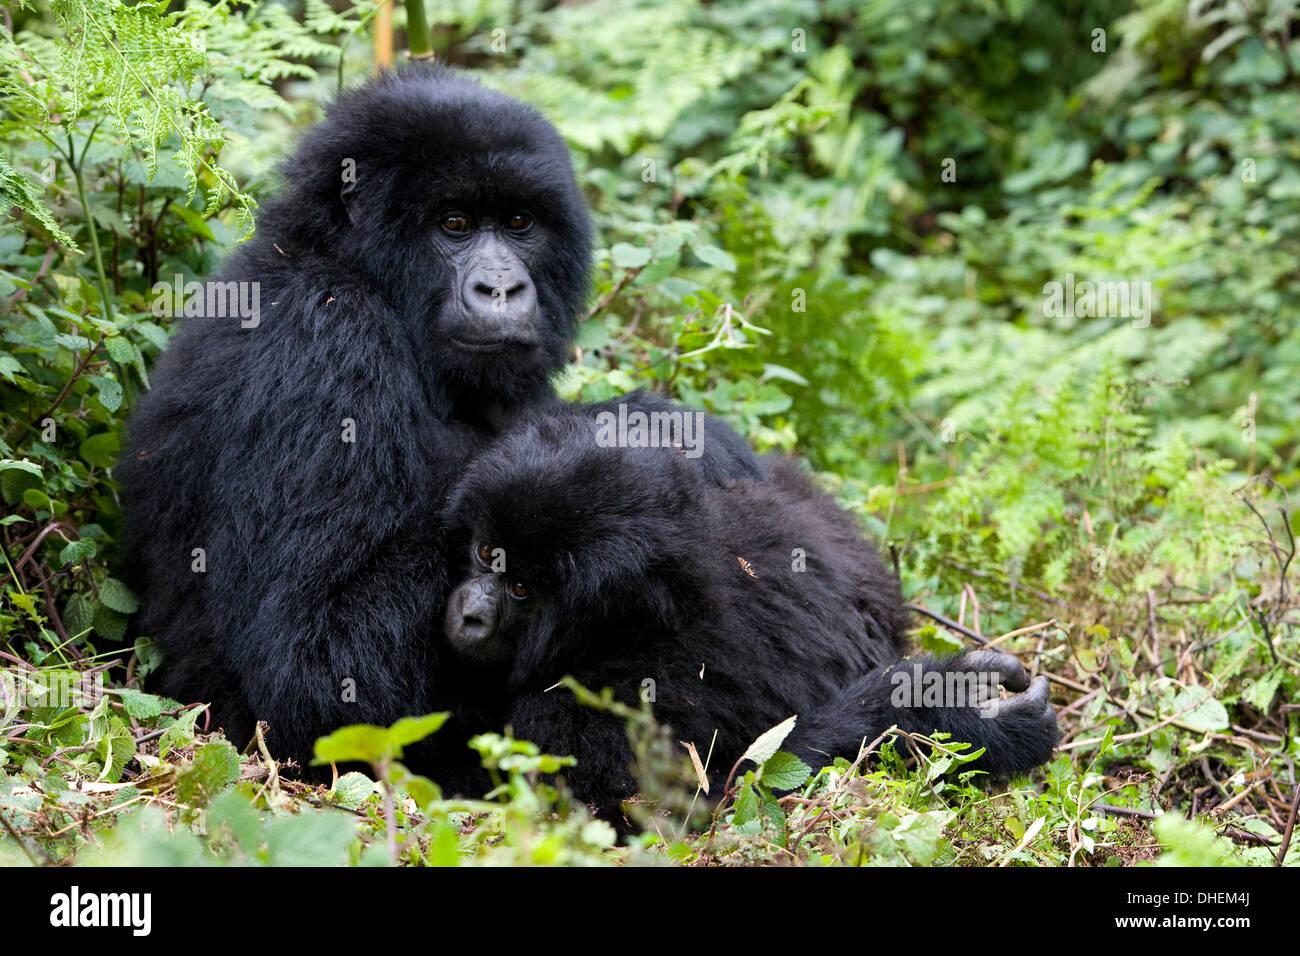 Mountain gorillas (Gorilla gorilla beringei), Kongo, Rwanda, Africa - Stock Image